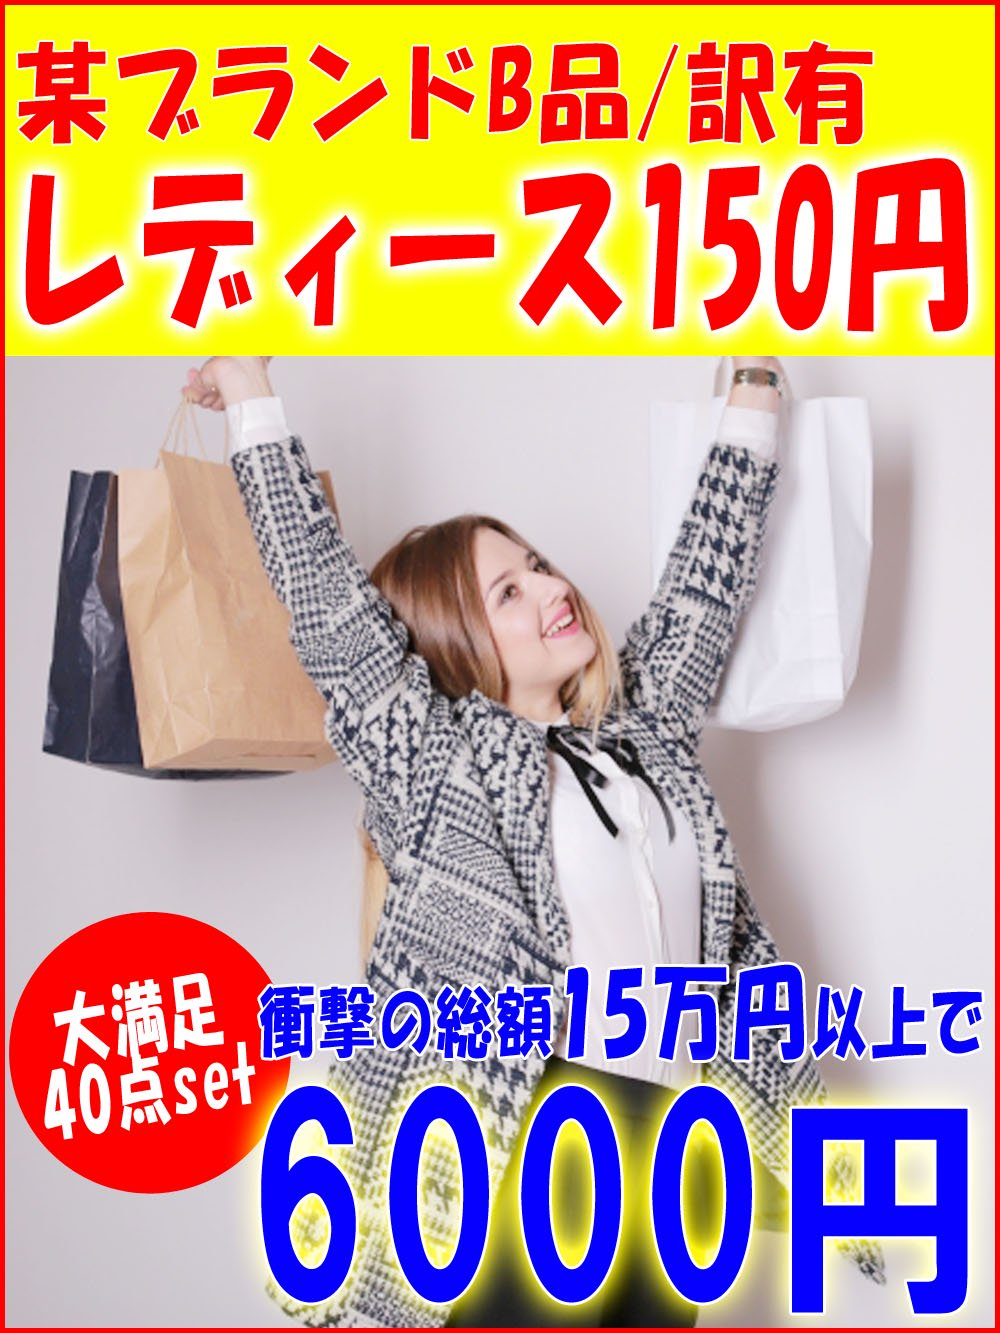 【 15万円以上確定】訳あり・難あり・B品 某ブランド アソートセット【40点】@150